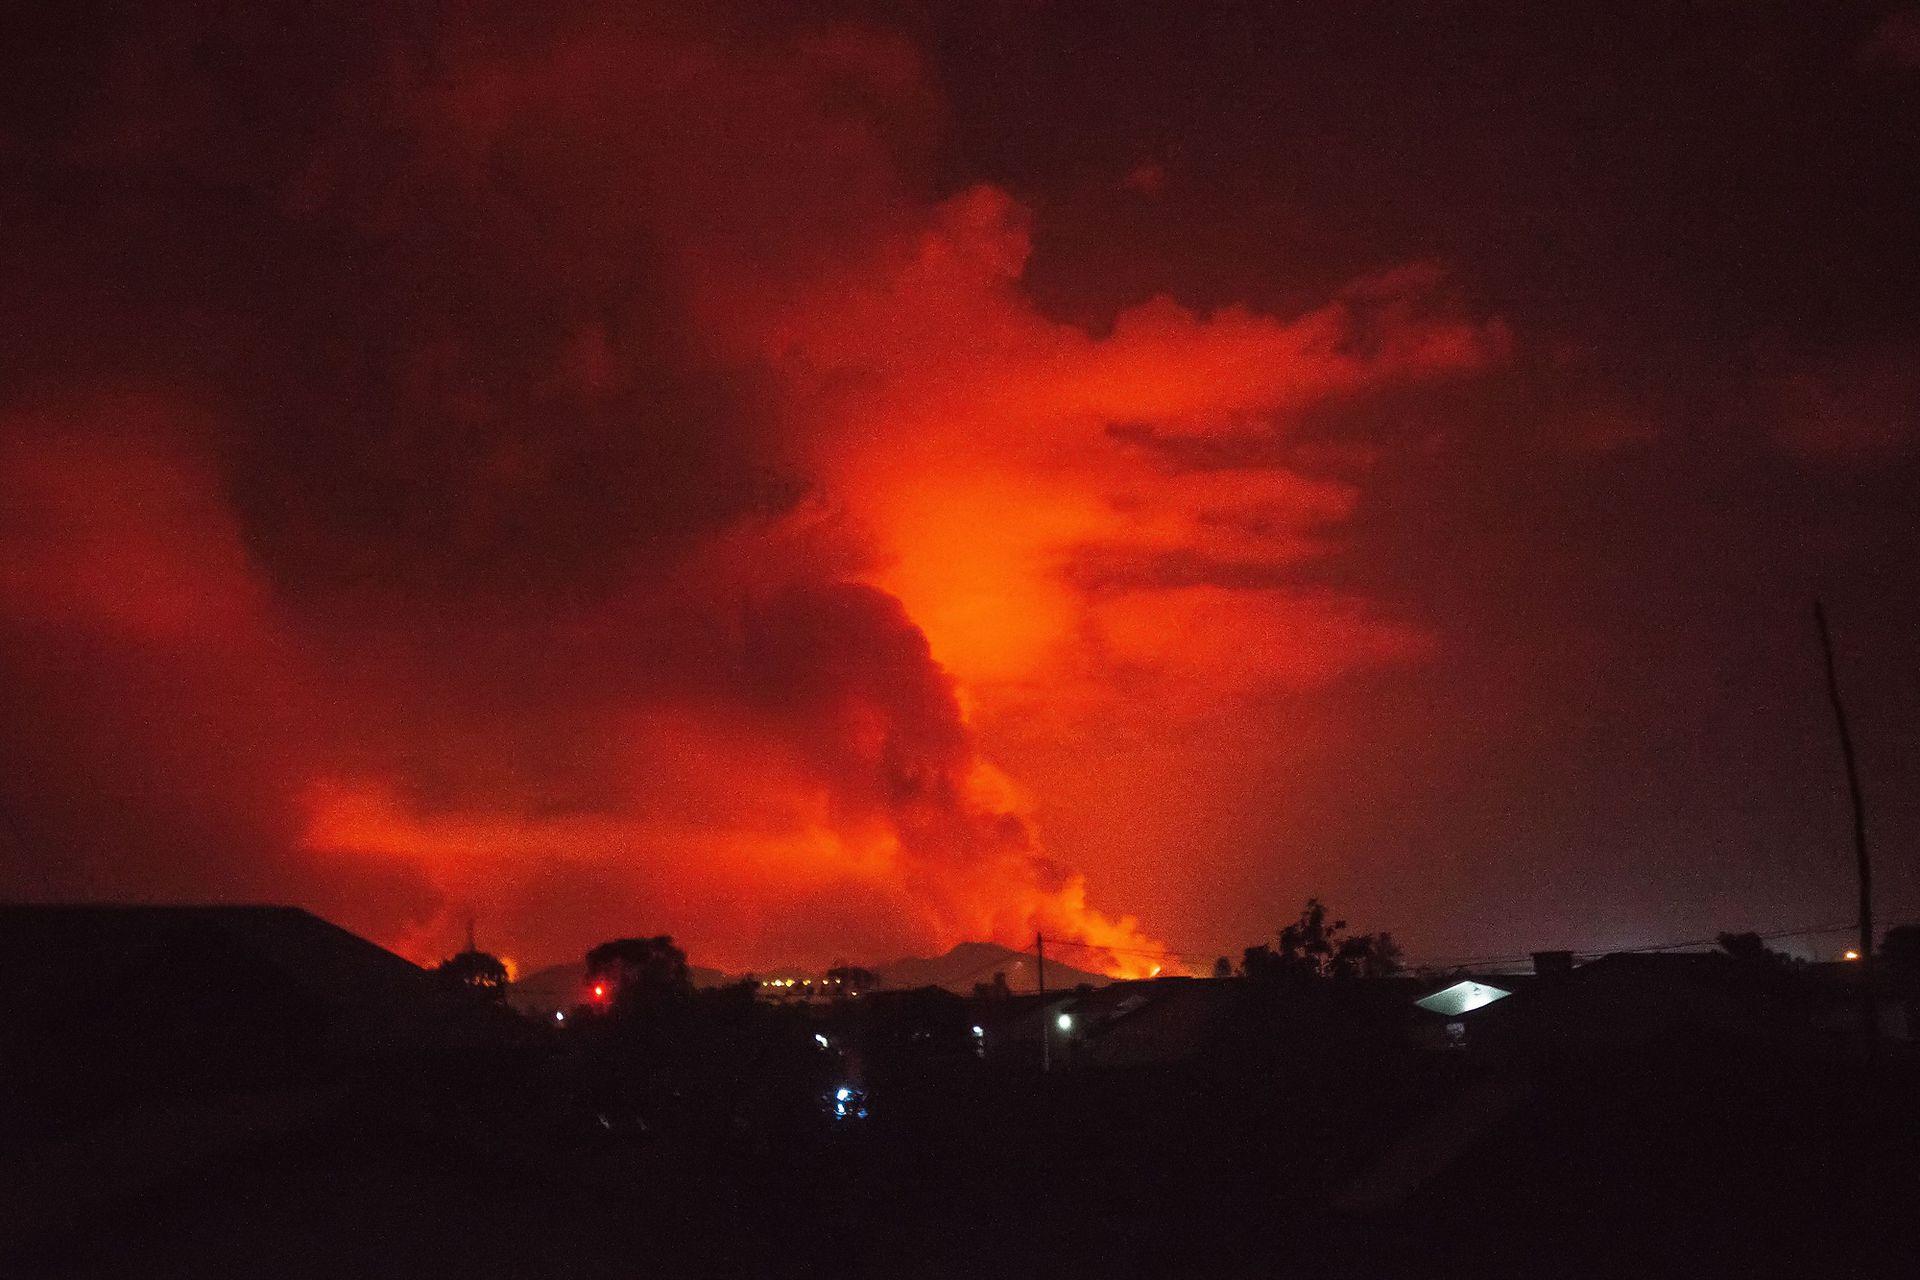 El cielo se tiñó de rojo en el momento de la erupción que tomó a todos por sorpresa